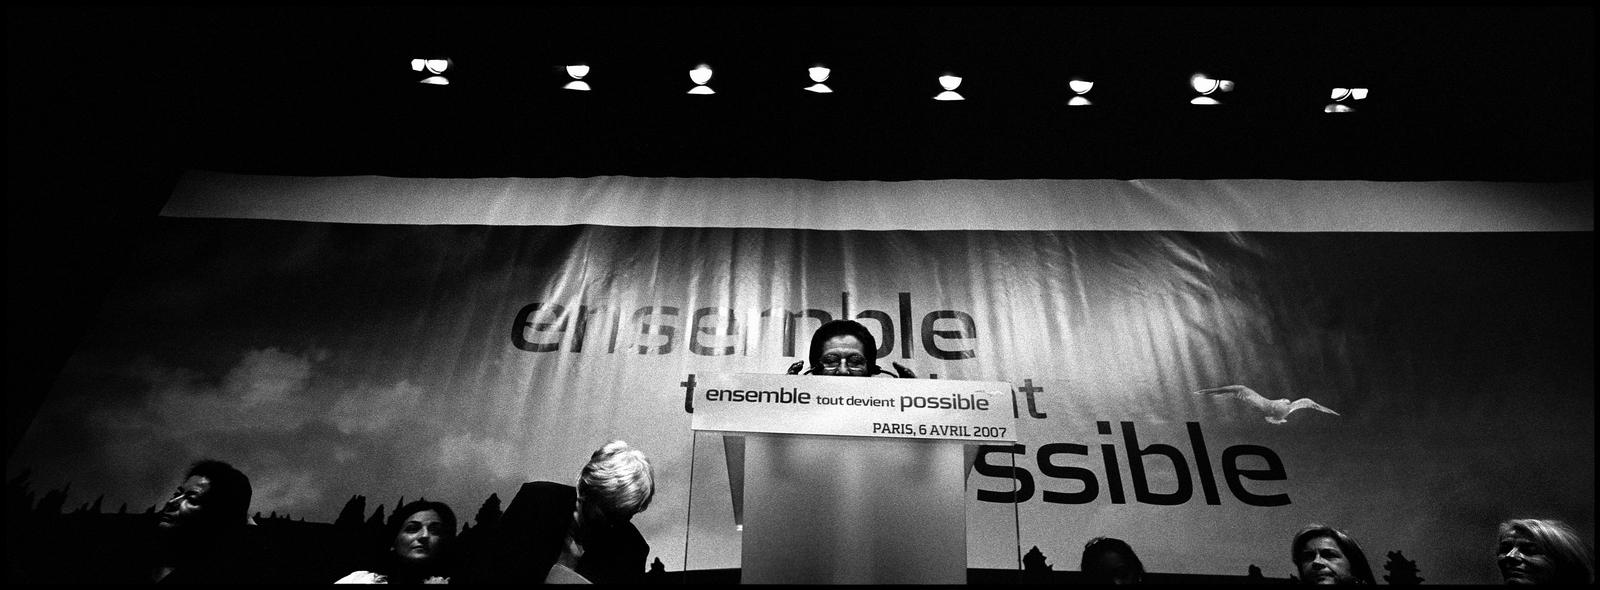 Discours de Simone Veil à la Mutualité de Paris le 6 avril 2007, lors d'un meeting de Nicolas Sarkozy sur le thème {quote}les Femmes et de l'égalité de chances{quote}